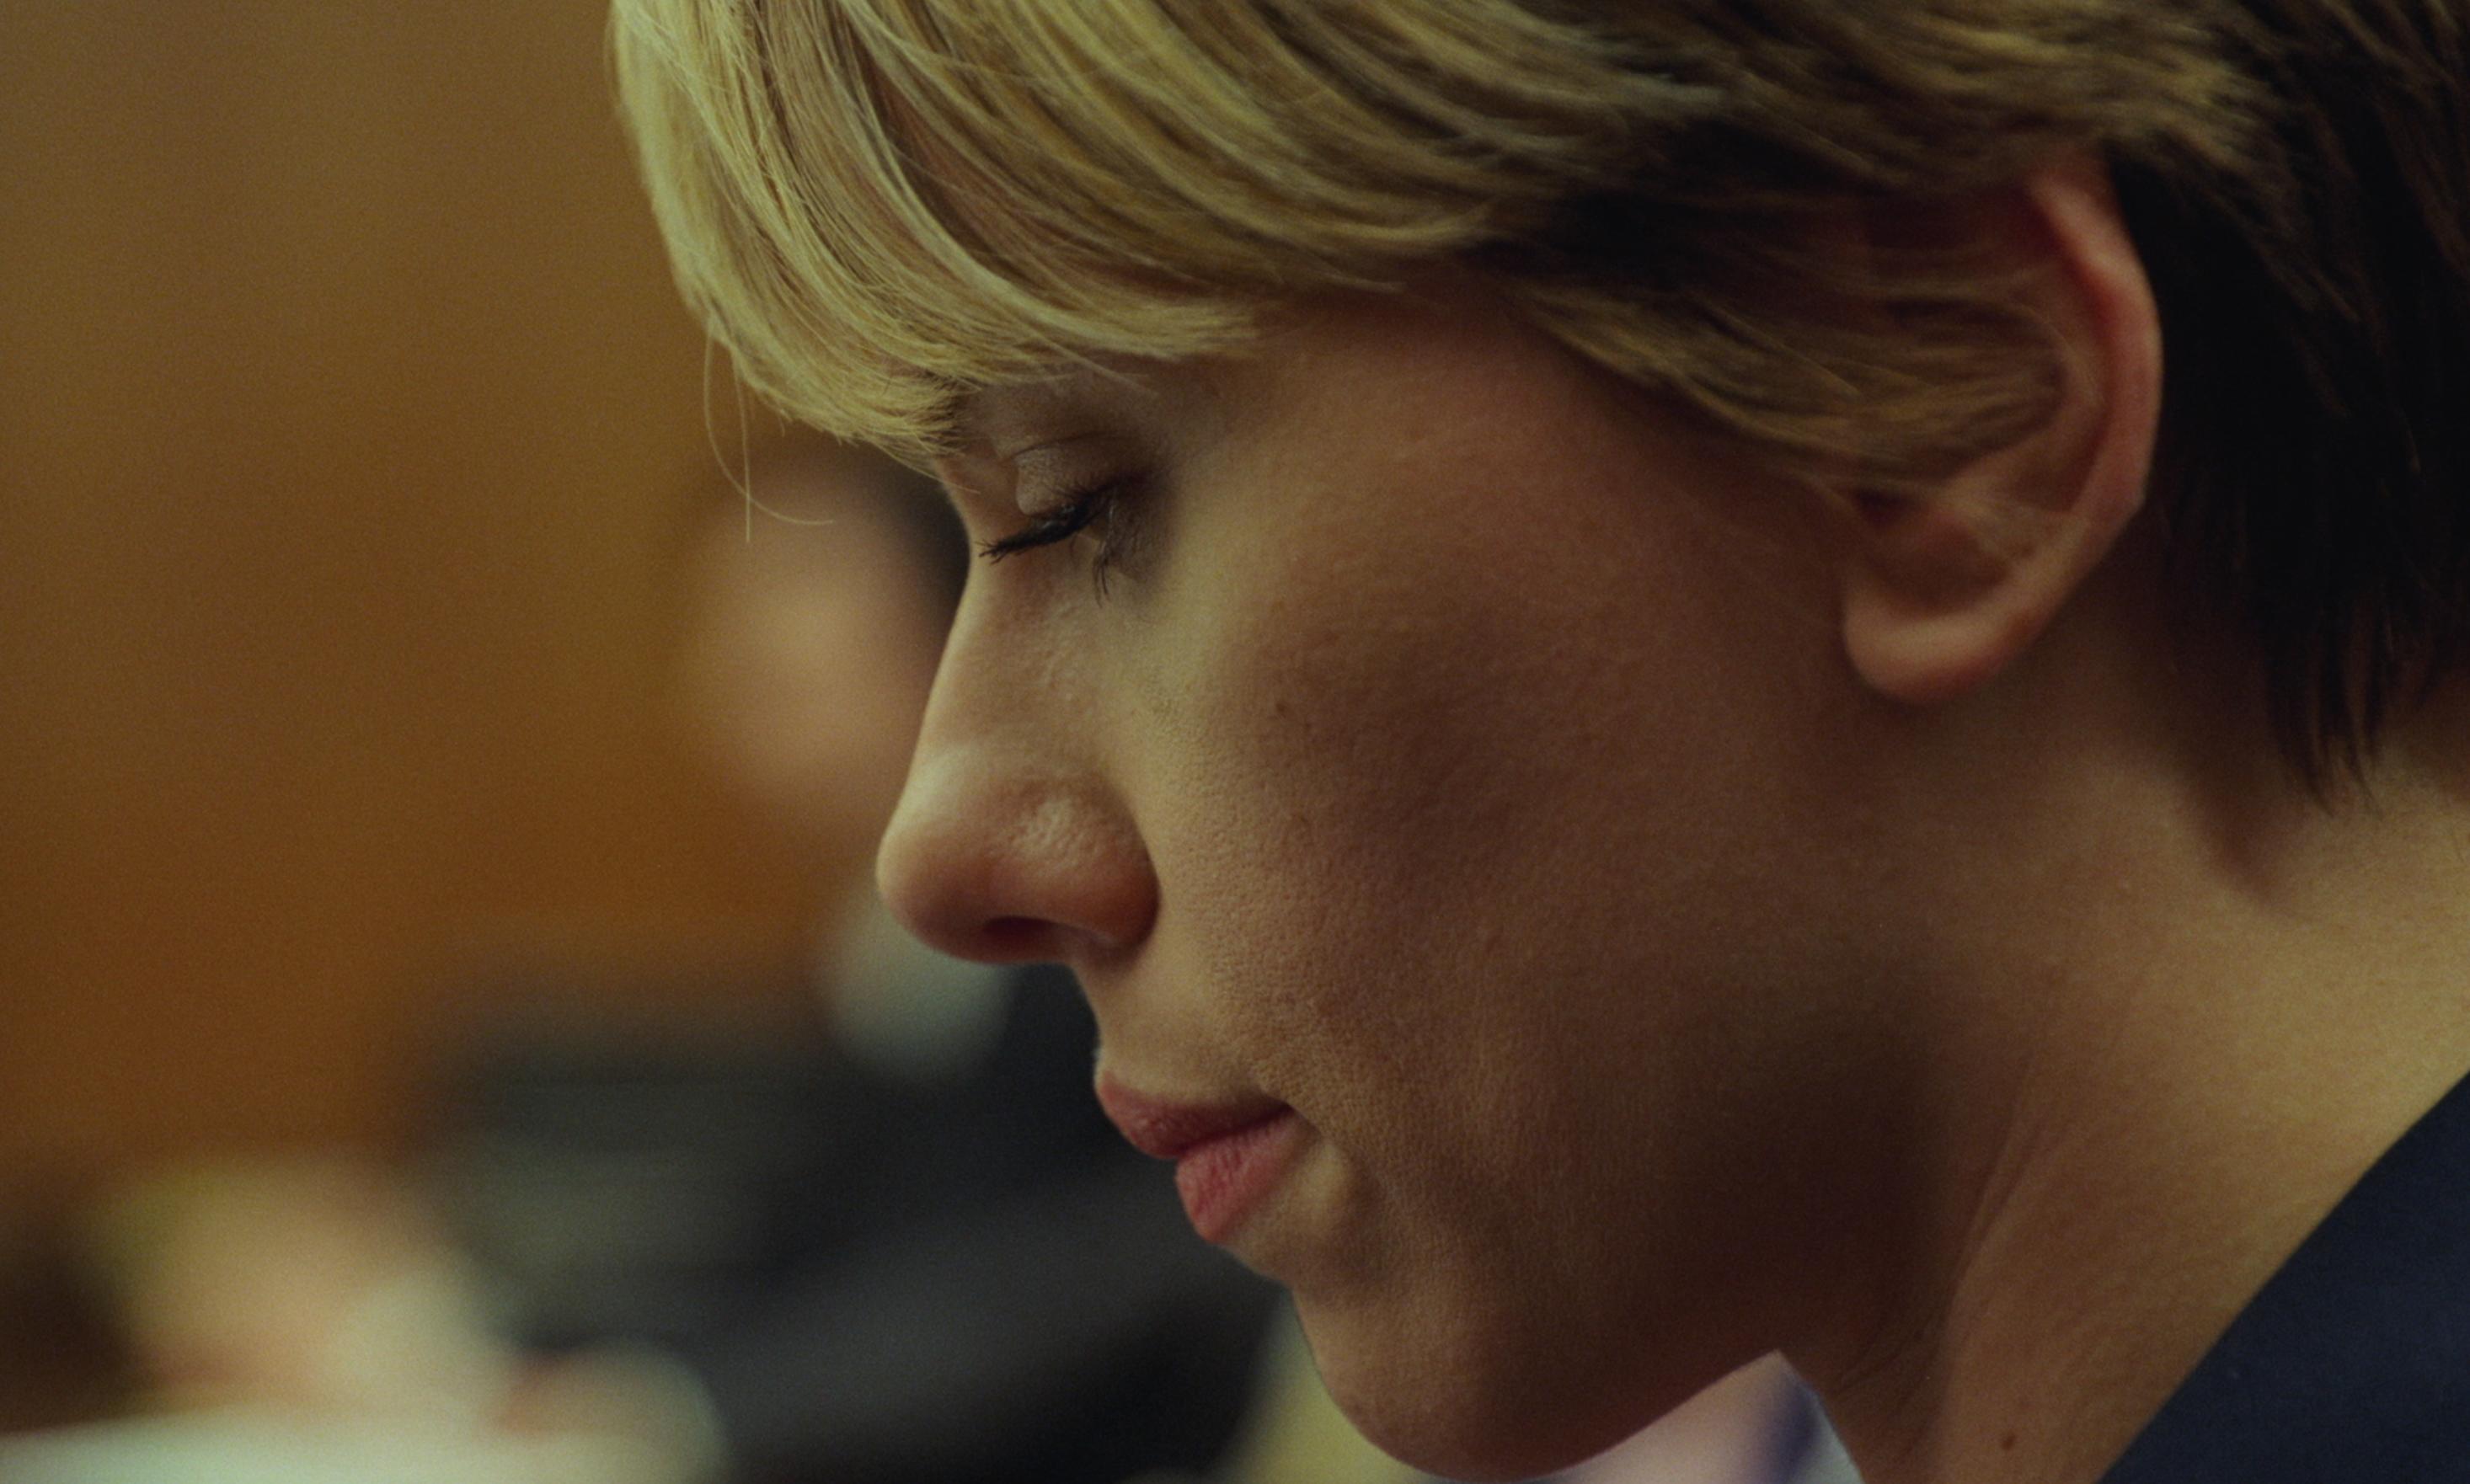 Scarlett Johansson in Marriage Story (2019)